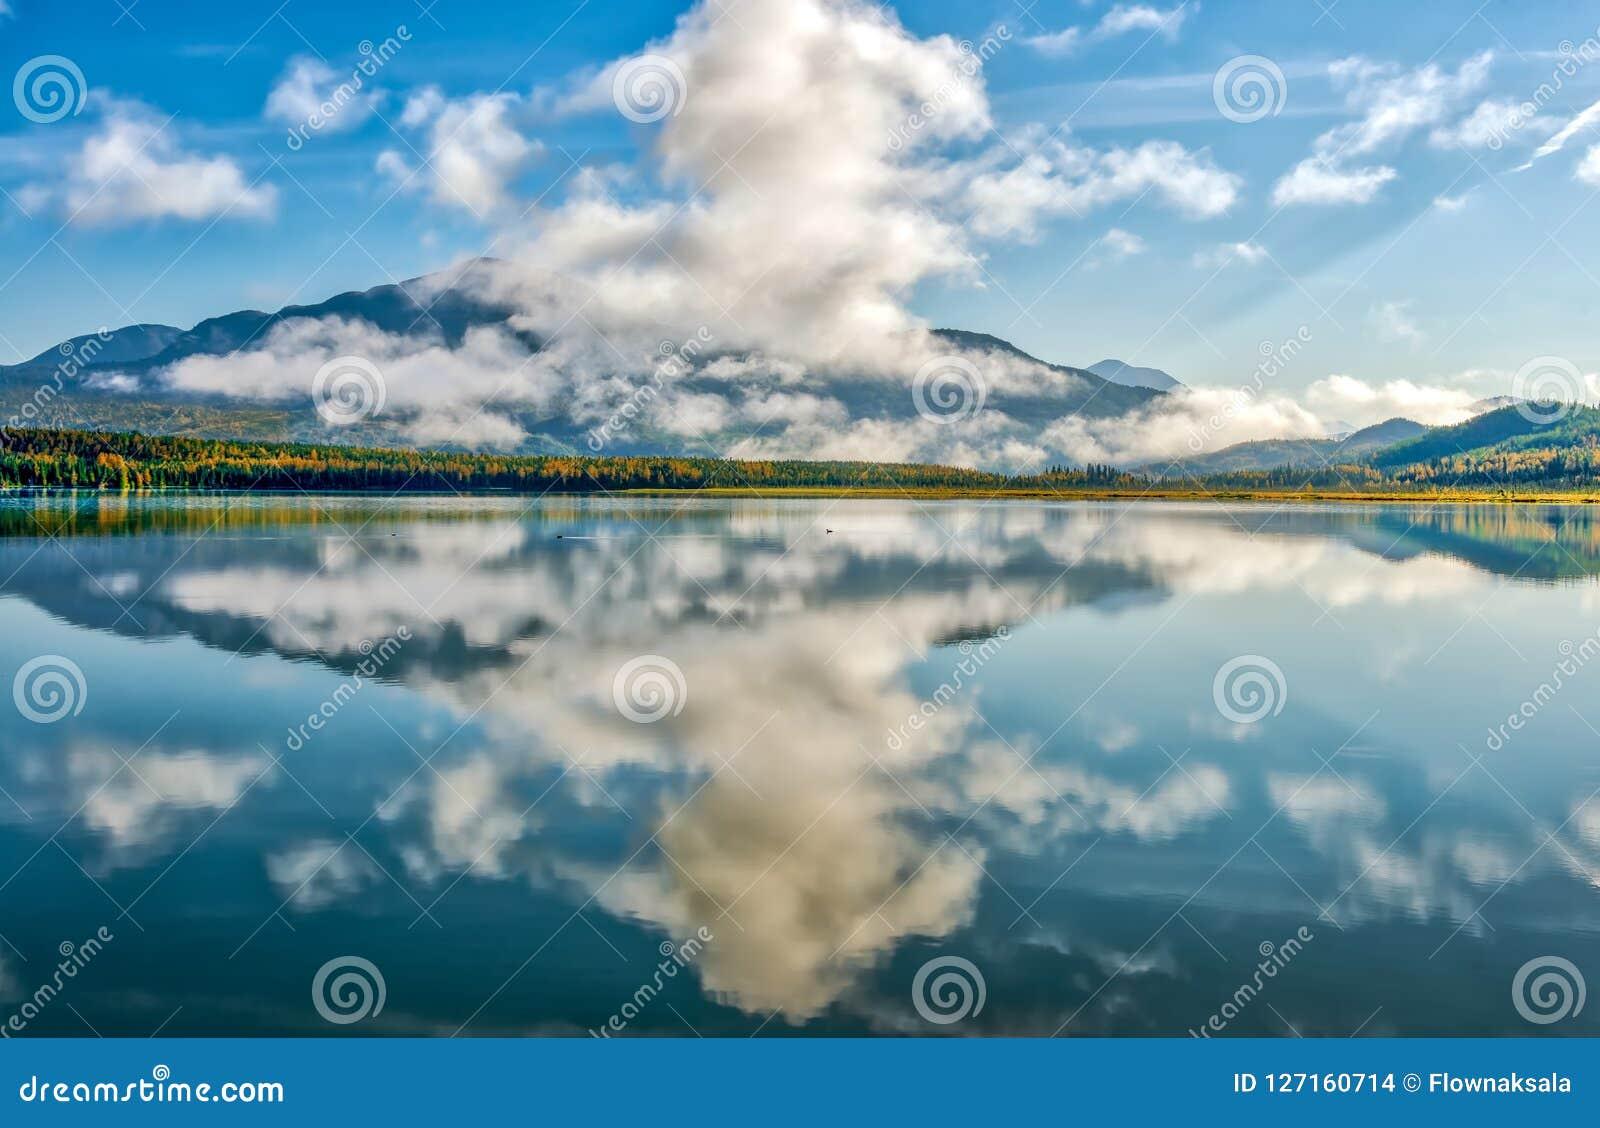 Halni odbicia w żywym błękitnym glacjalnym jeziorze na Alaskim